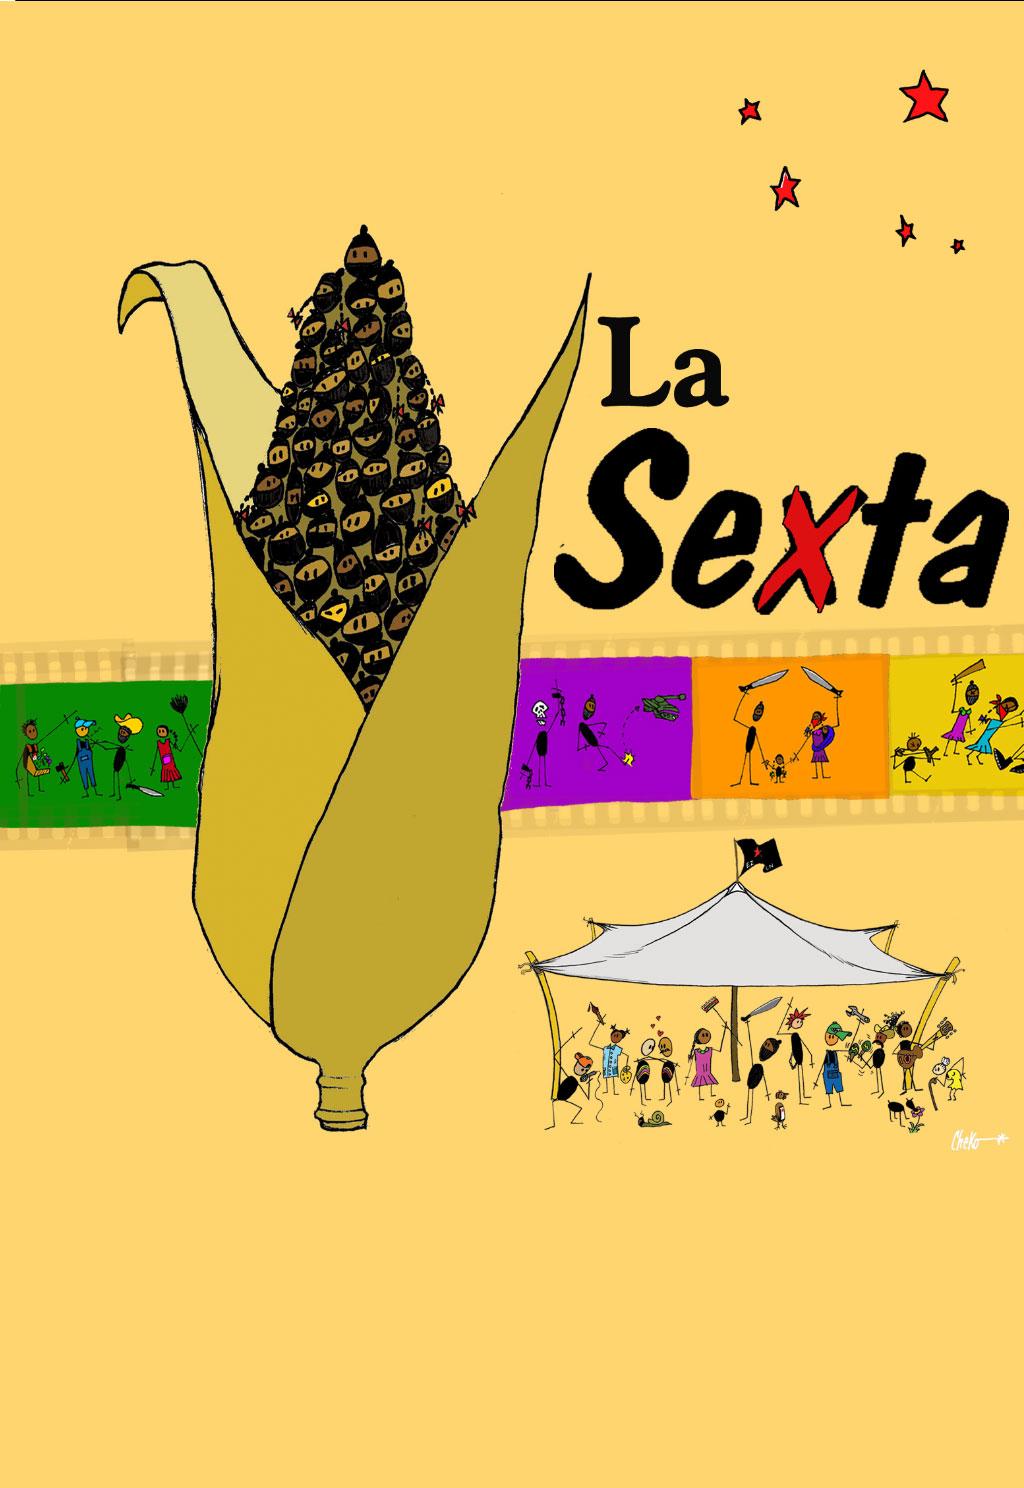 LA SEXTA